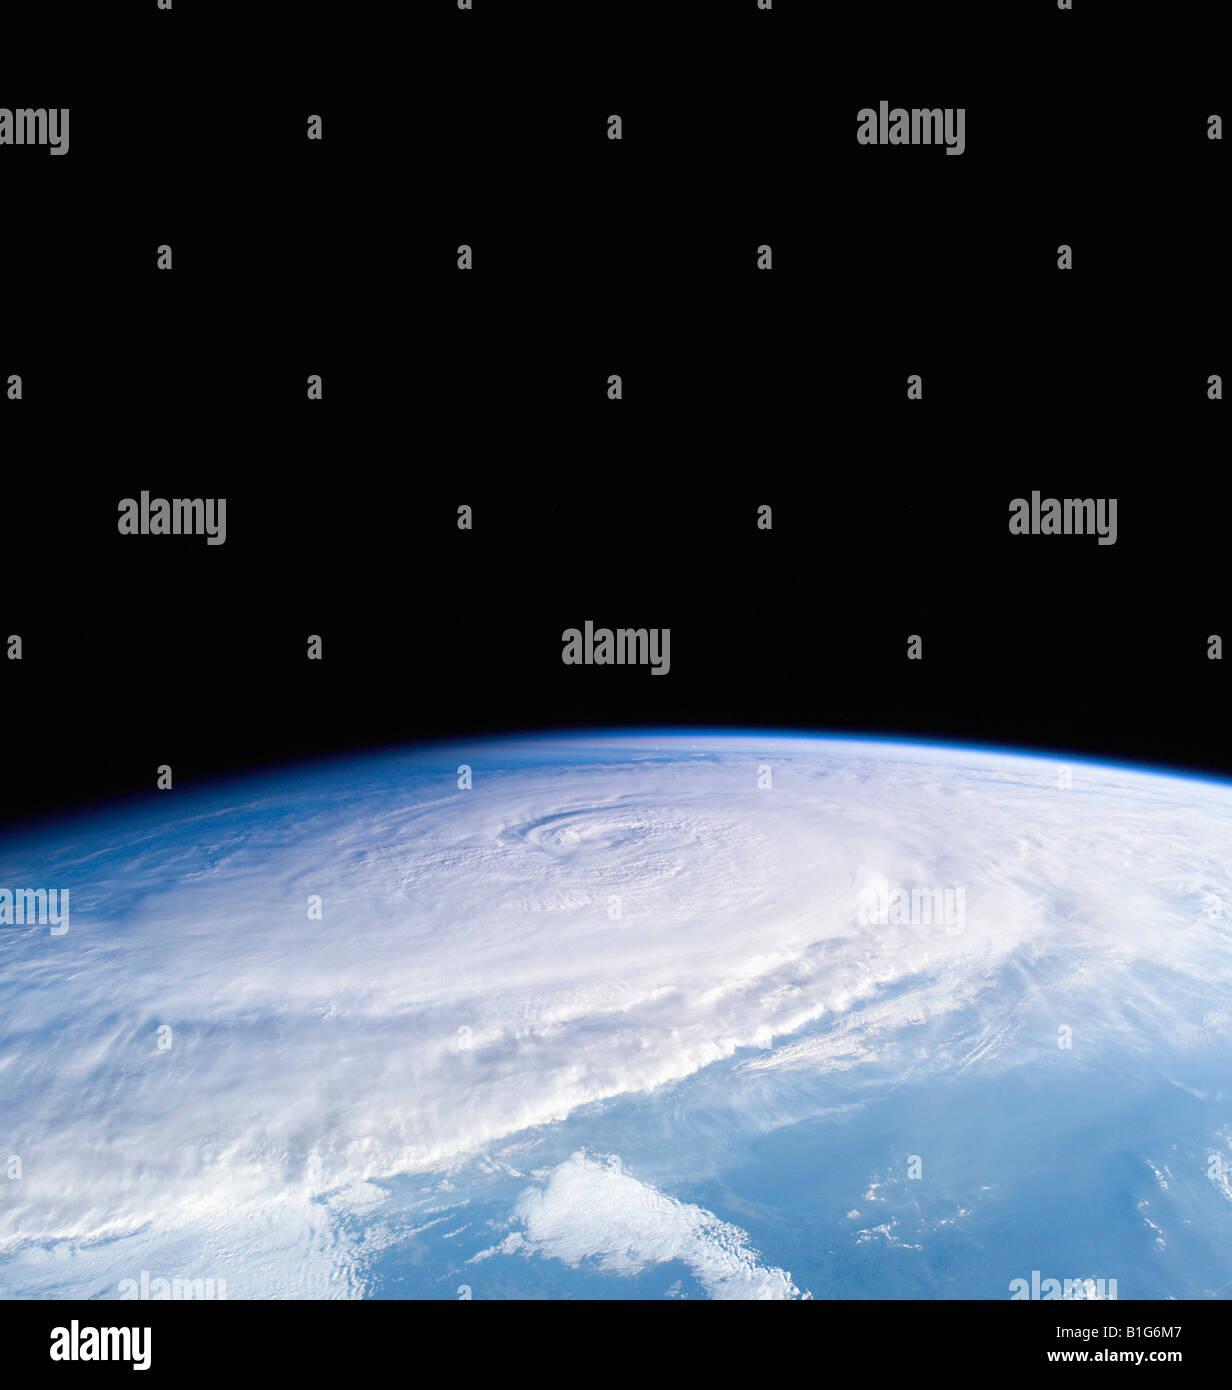 Taifun 18W Waldrind aus der internationalen Raumstation ISS am 24. September 2005 Stockbild